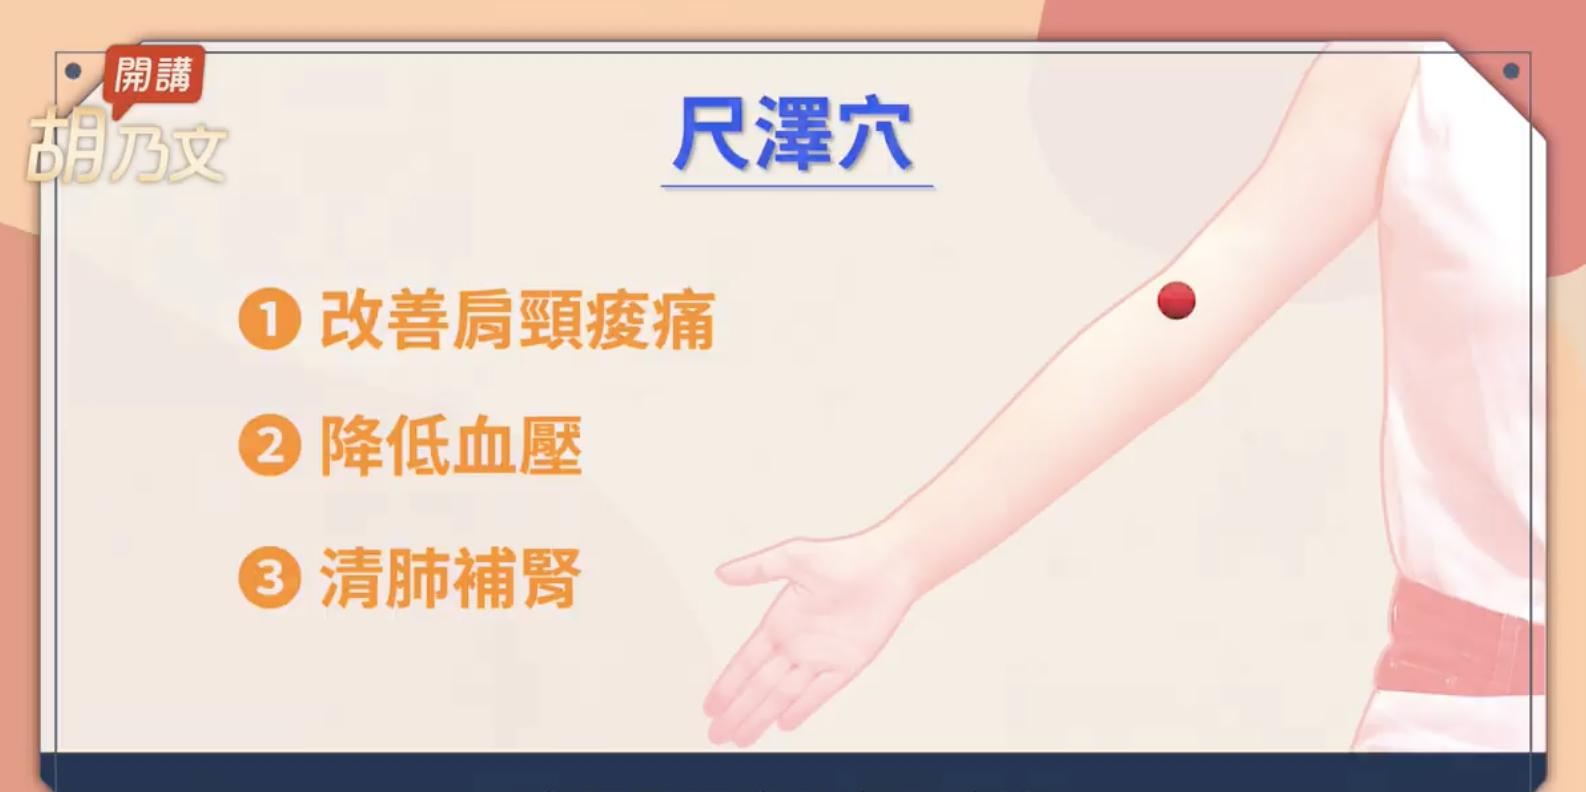 按摩尺澤穴可以降血壓、緩解脖子肩膀僵硬。(胡乃文開講提供)